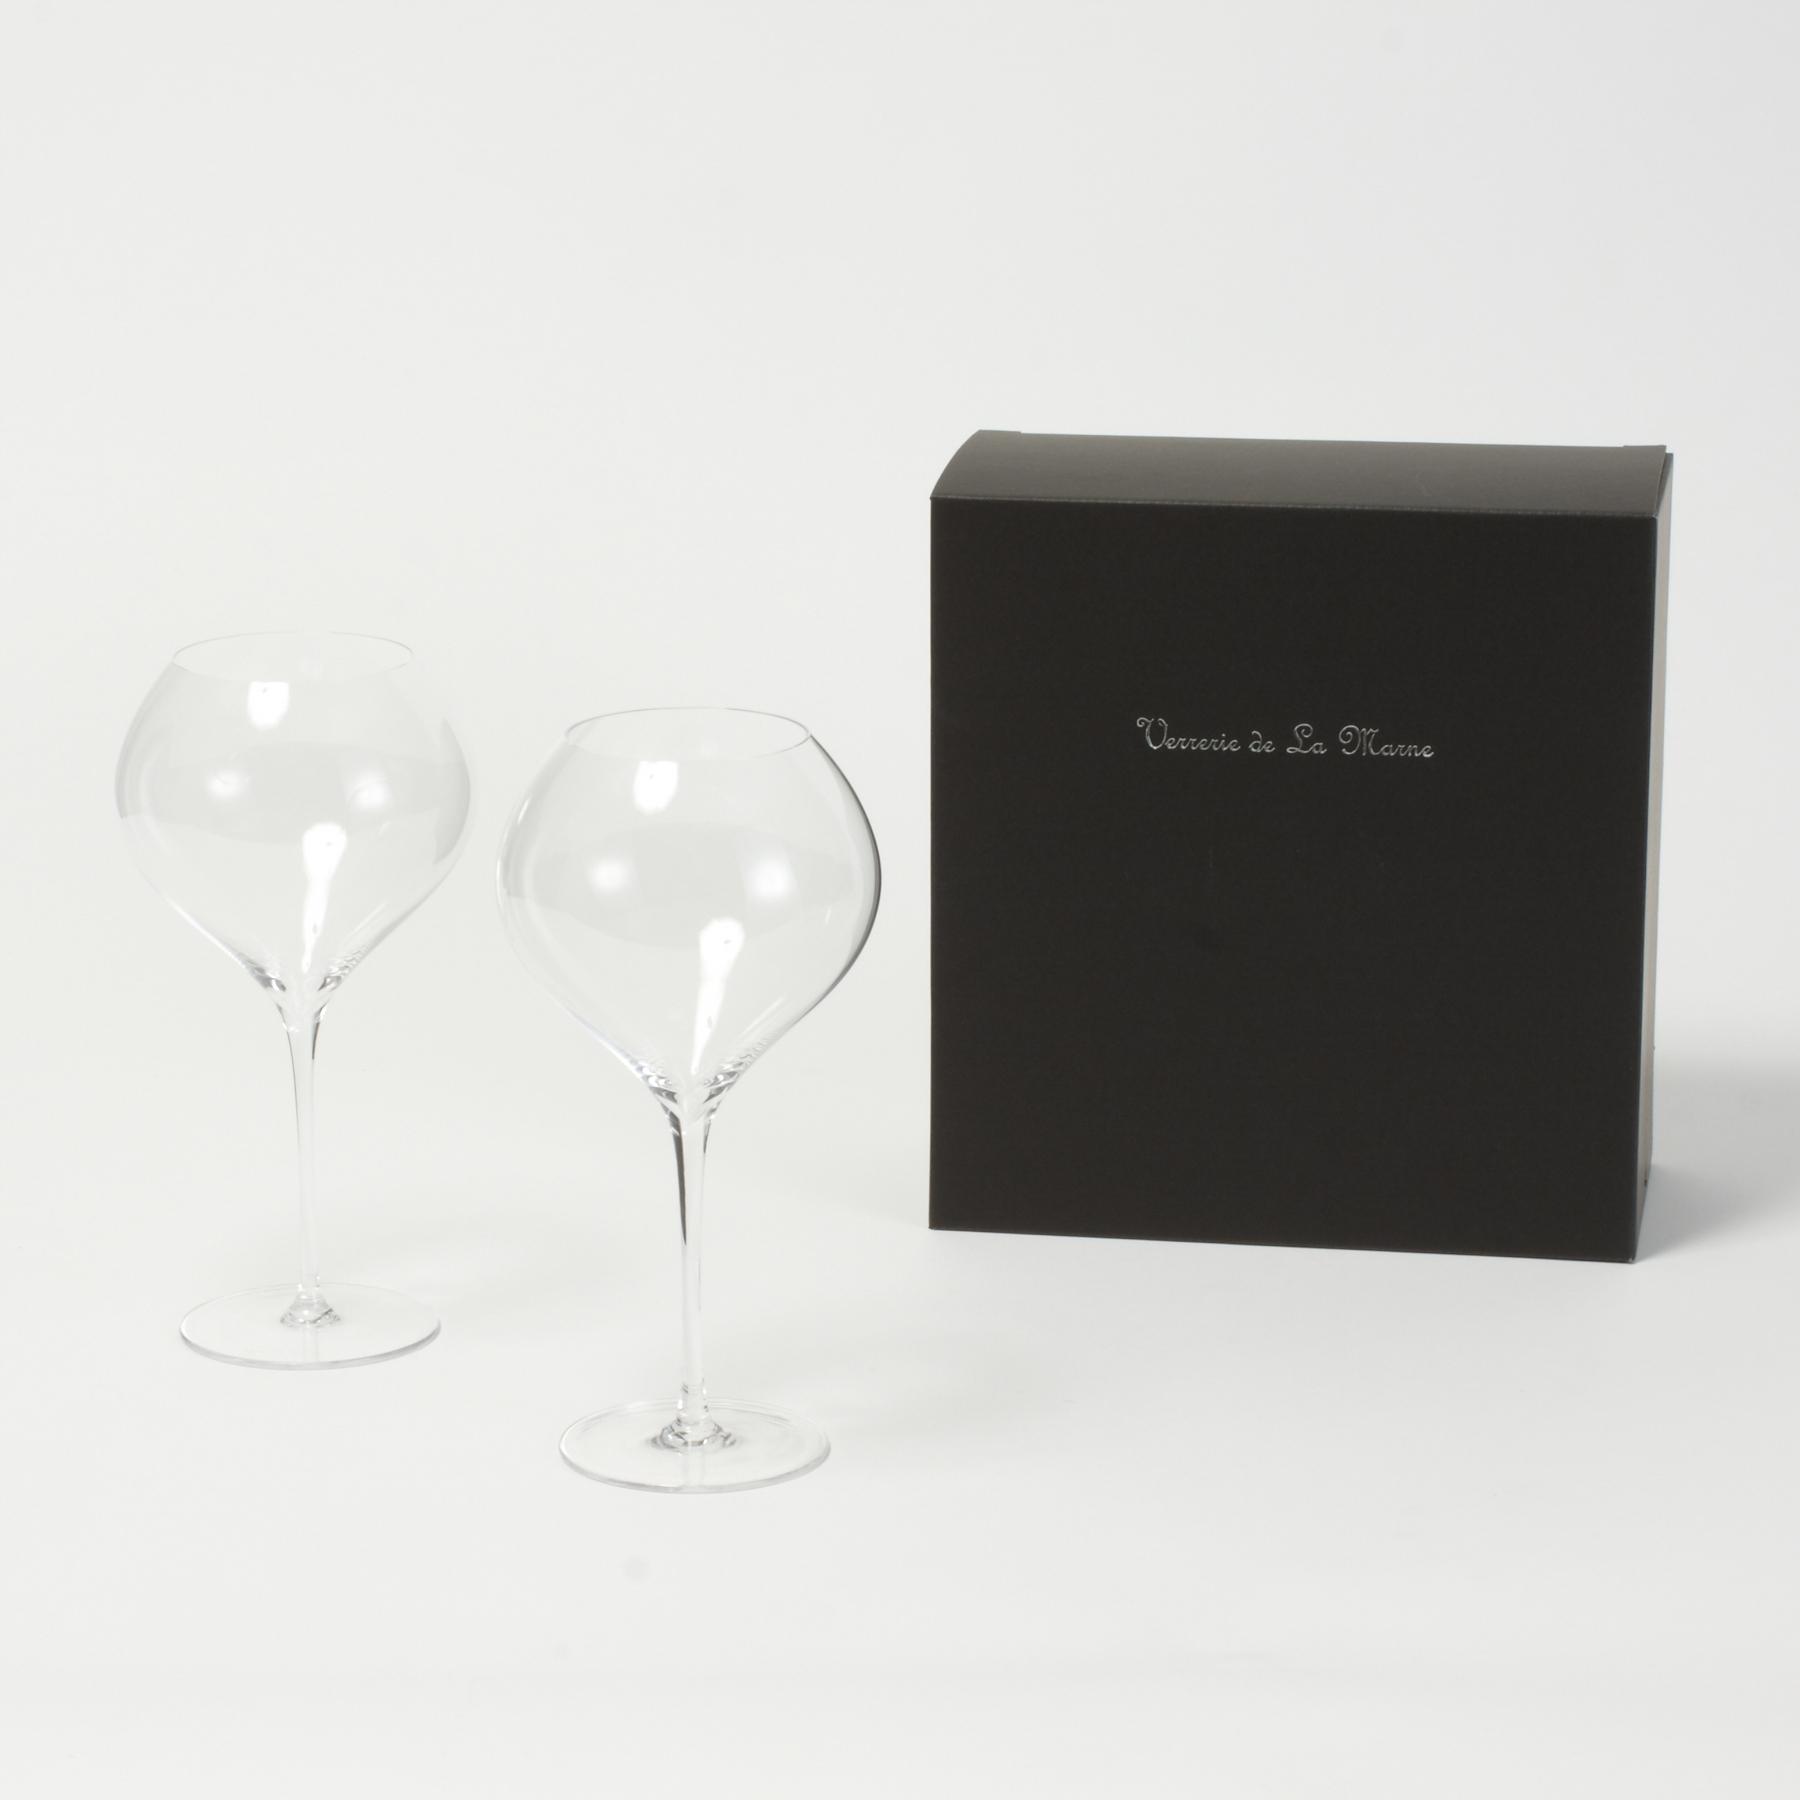 grand branc/グラン・ブラン ギフトセット(BOX入り)